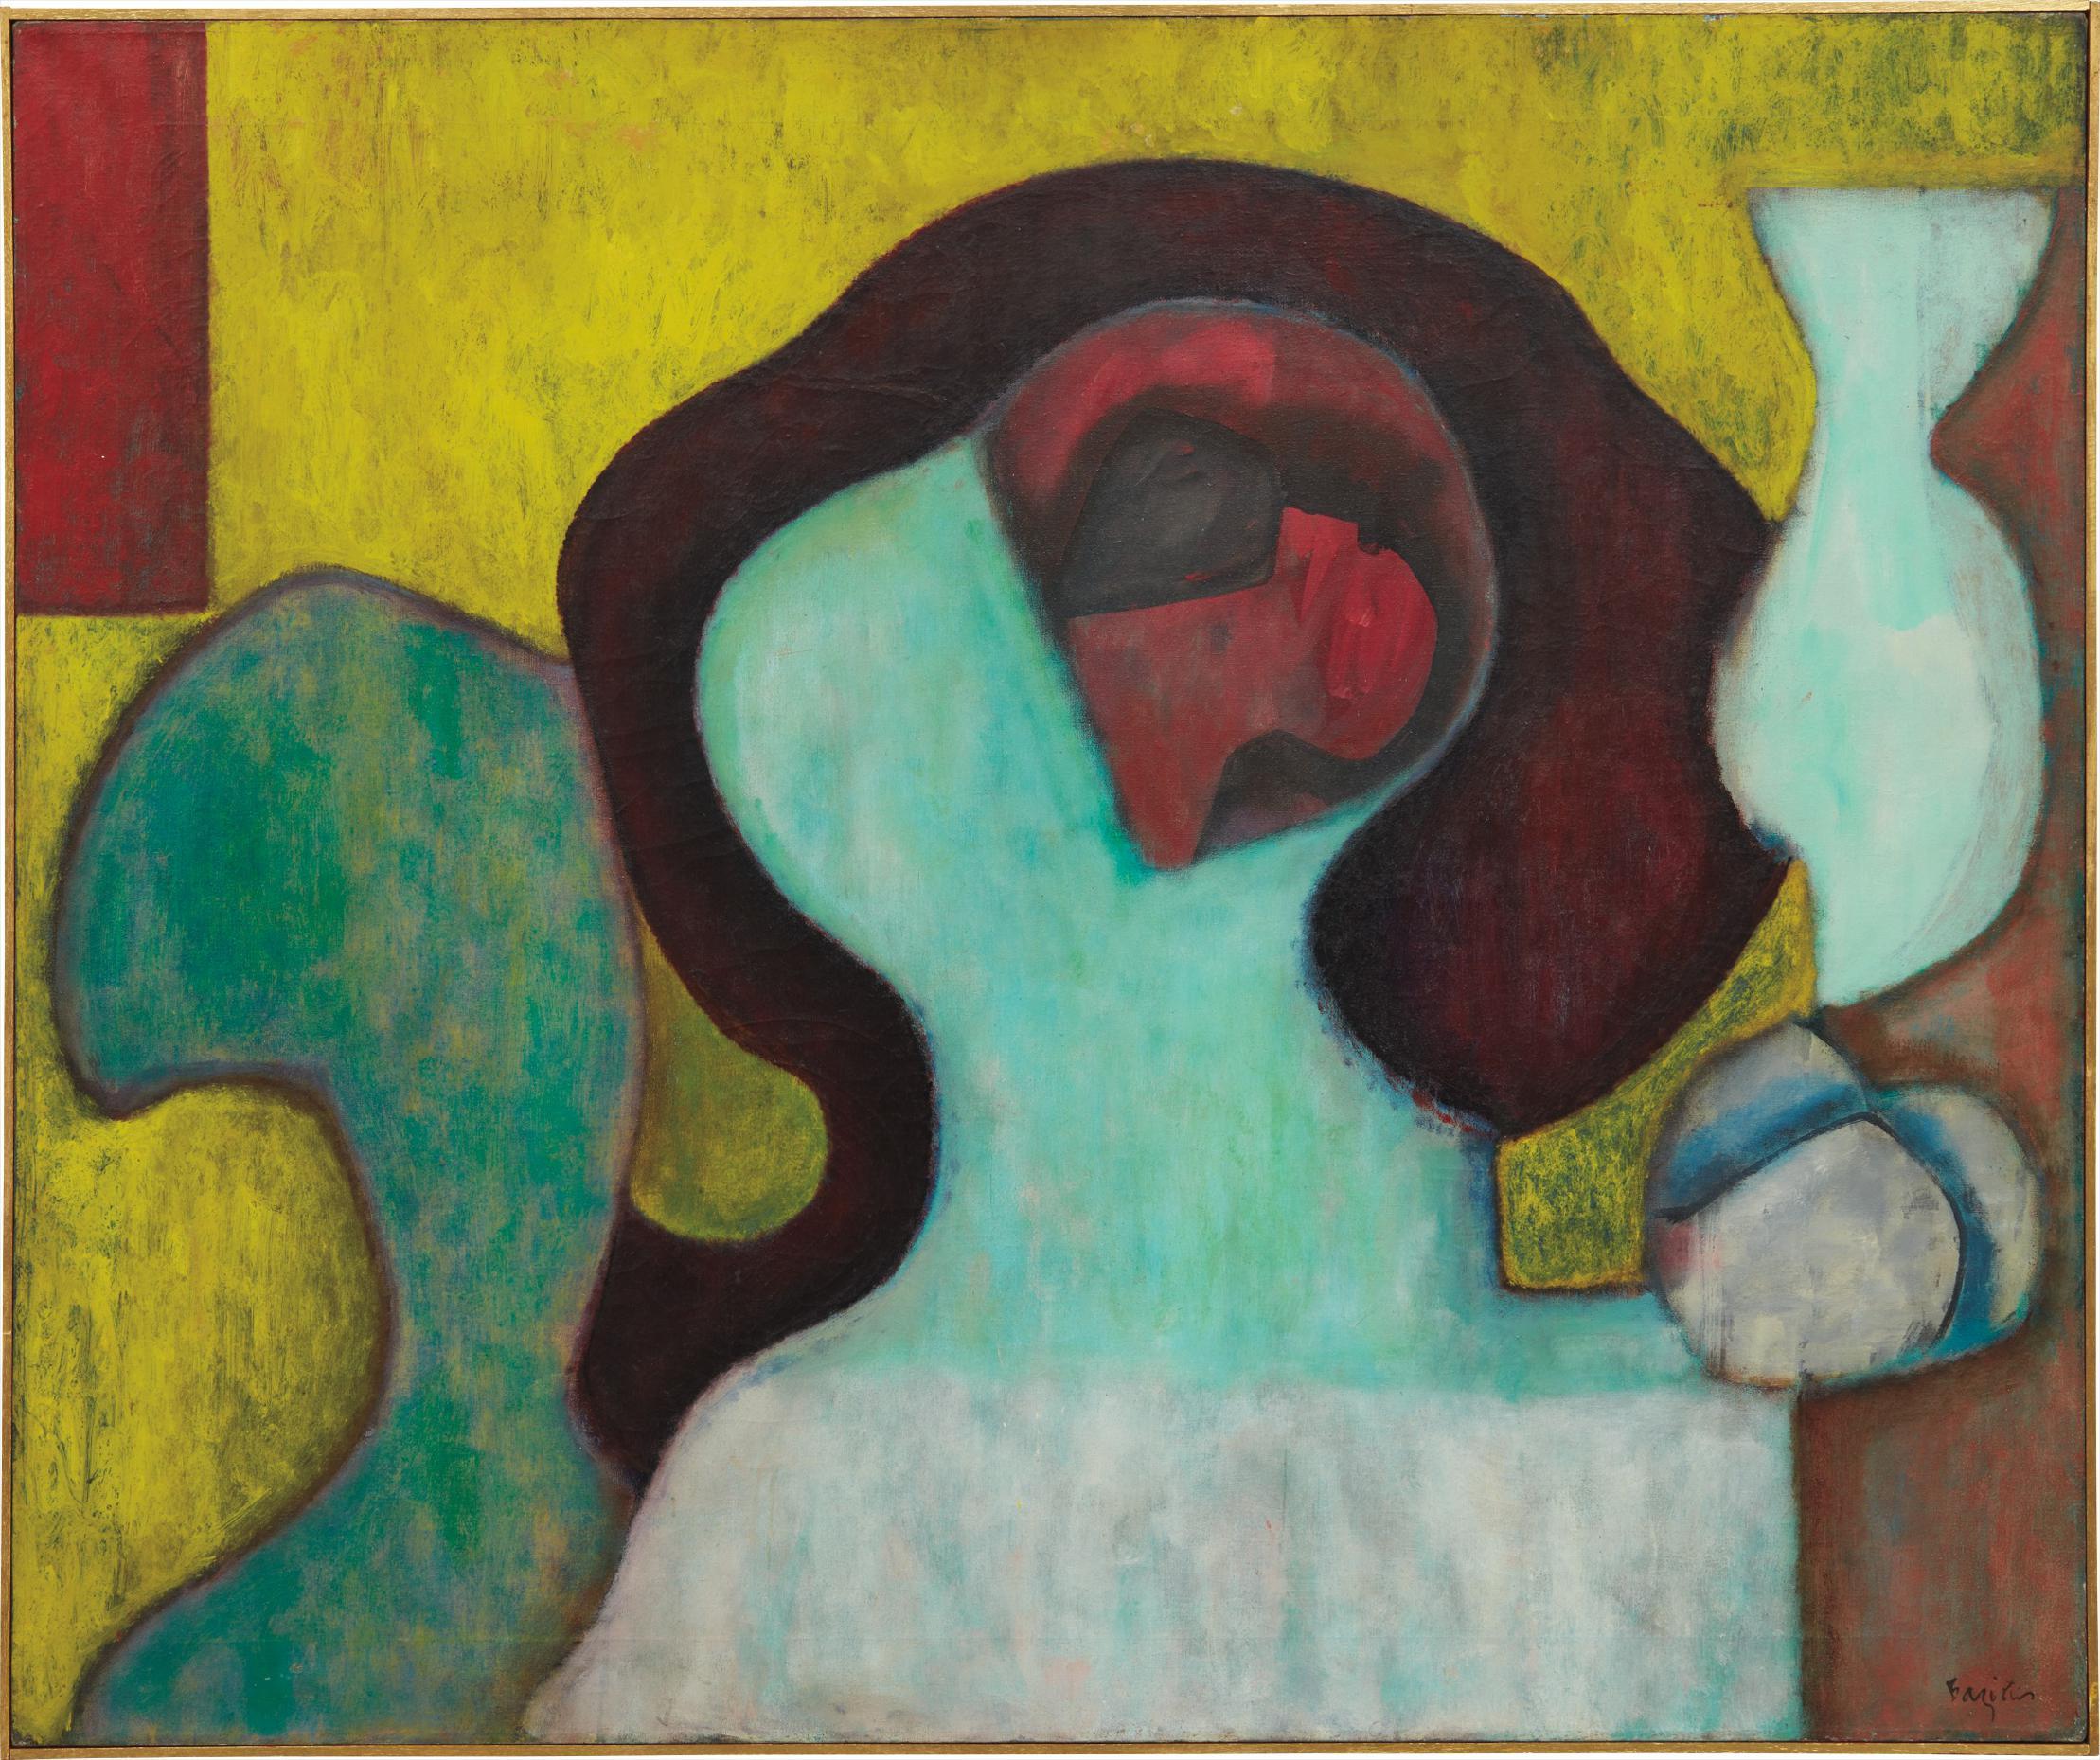 William Baziotes-The Room-1947